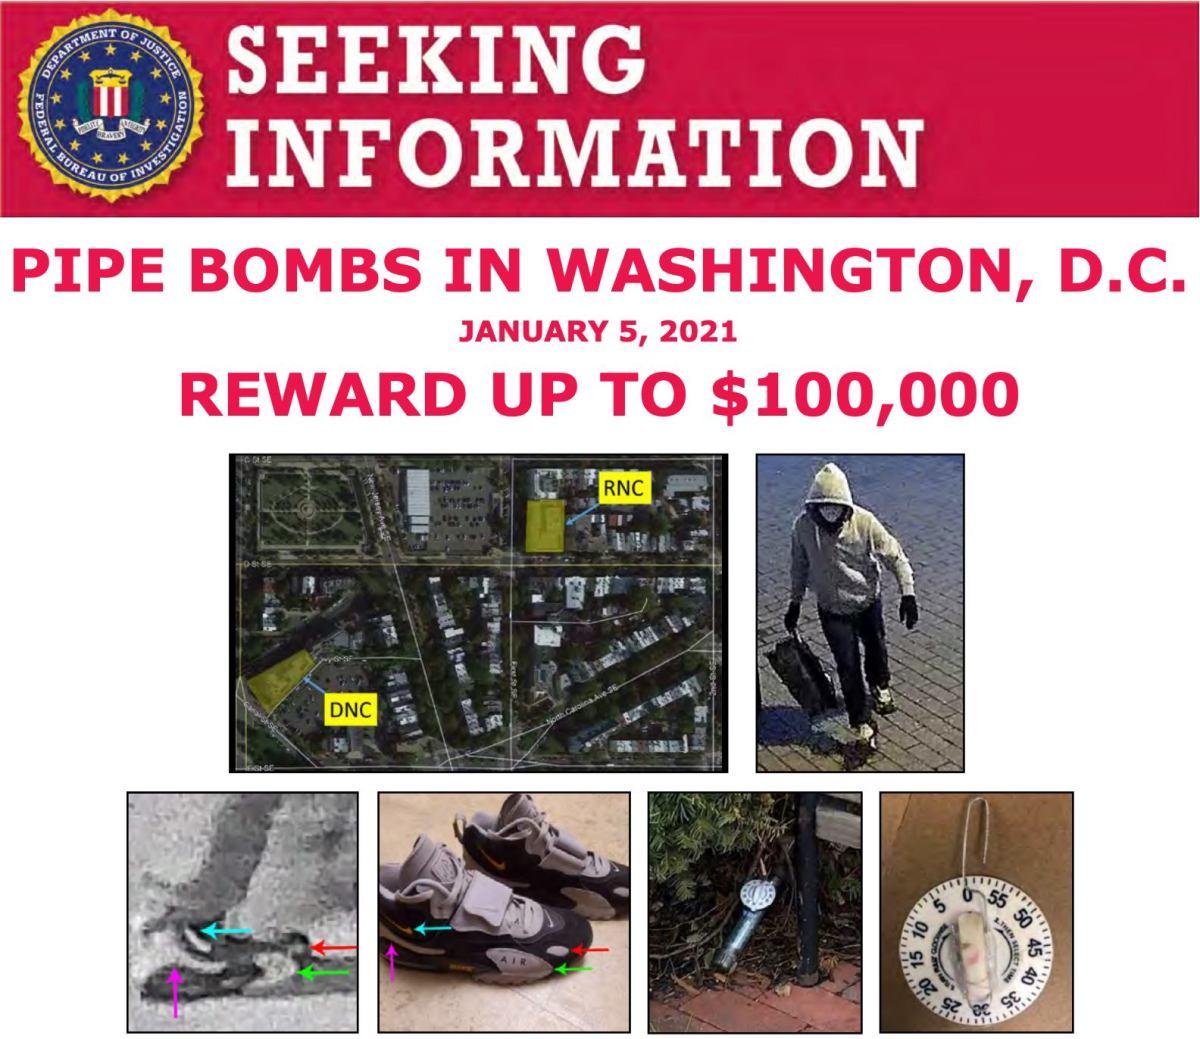 FBI divulga video de sospechoso de colocar bombas caseras en comités políticos previo a asalto al Capitolio en Washington DC